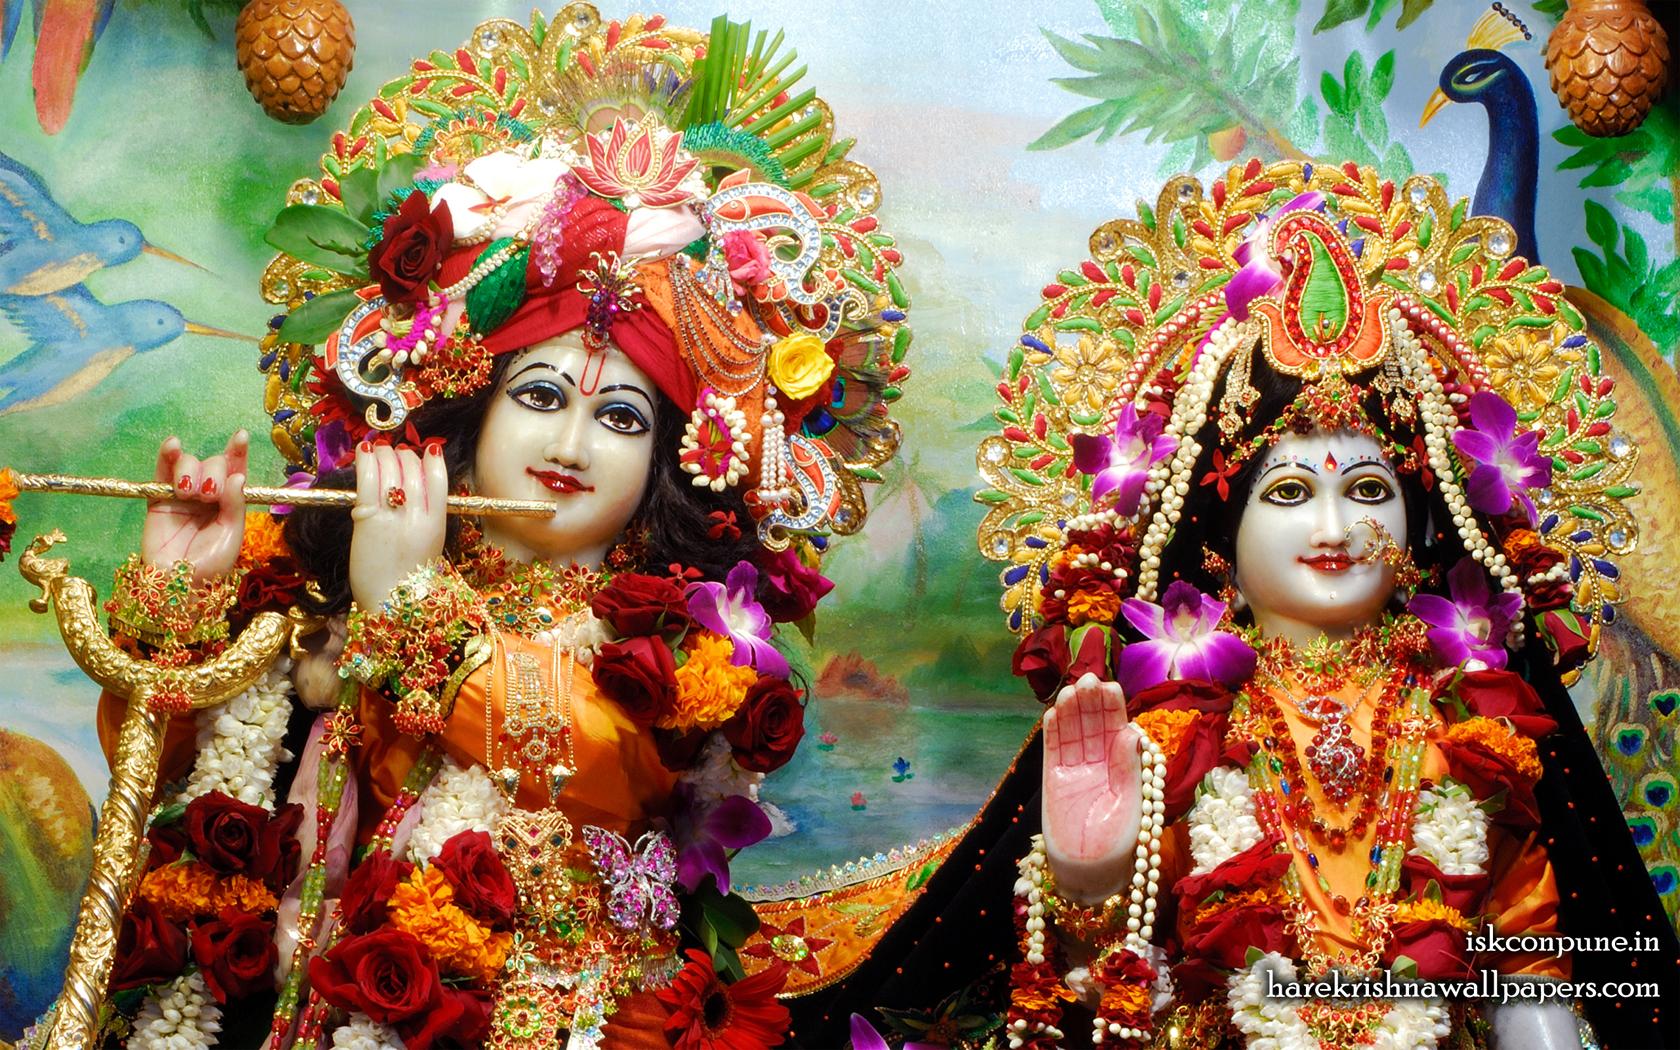 Sri Sri Radha Kunjabihari Close up Wallpaper (001) Size 1680x1050 Download